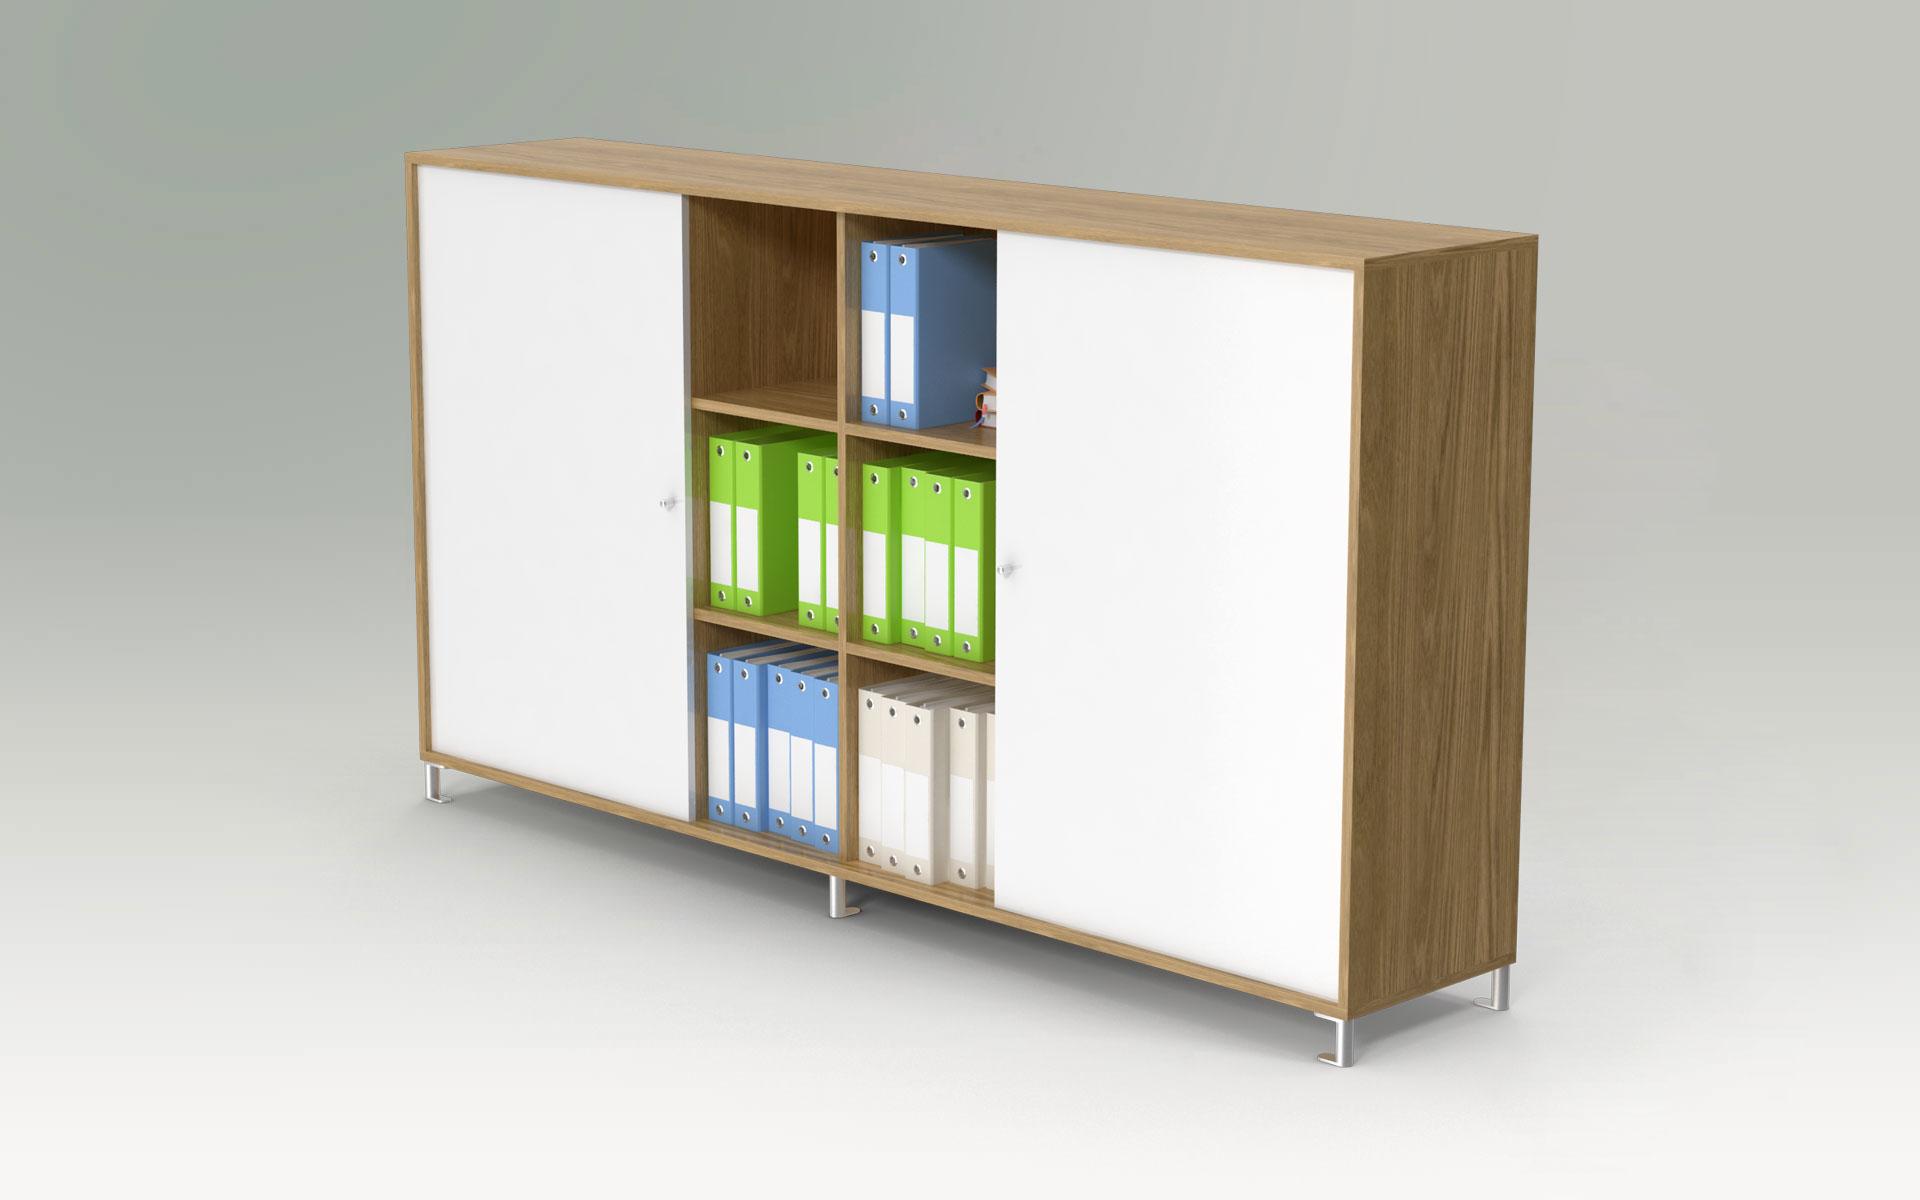 Individuelle Tischlermöbel aus Naturholz für Büro / Gewerbe